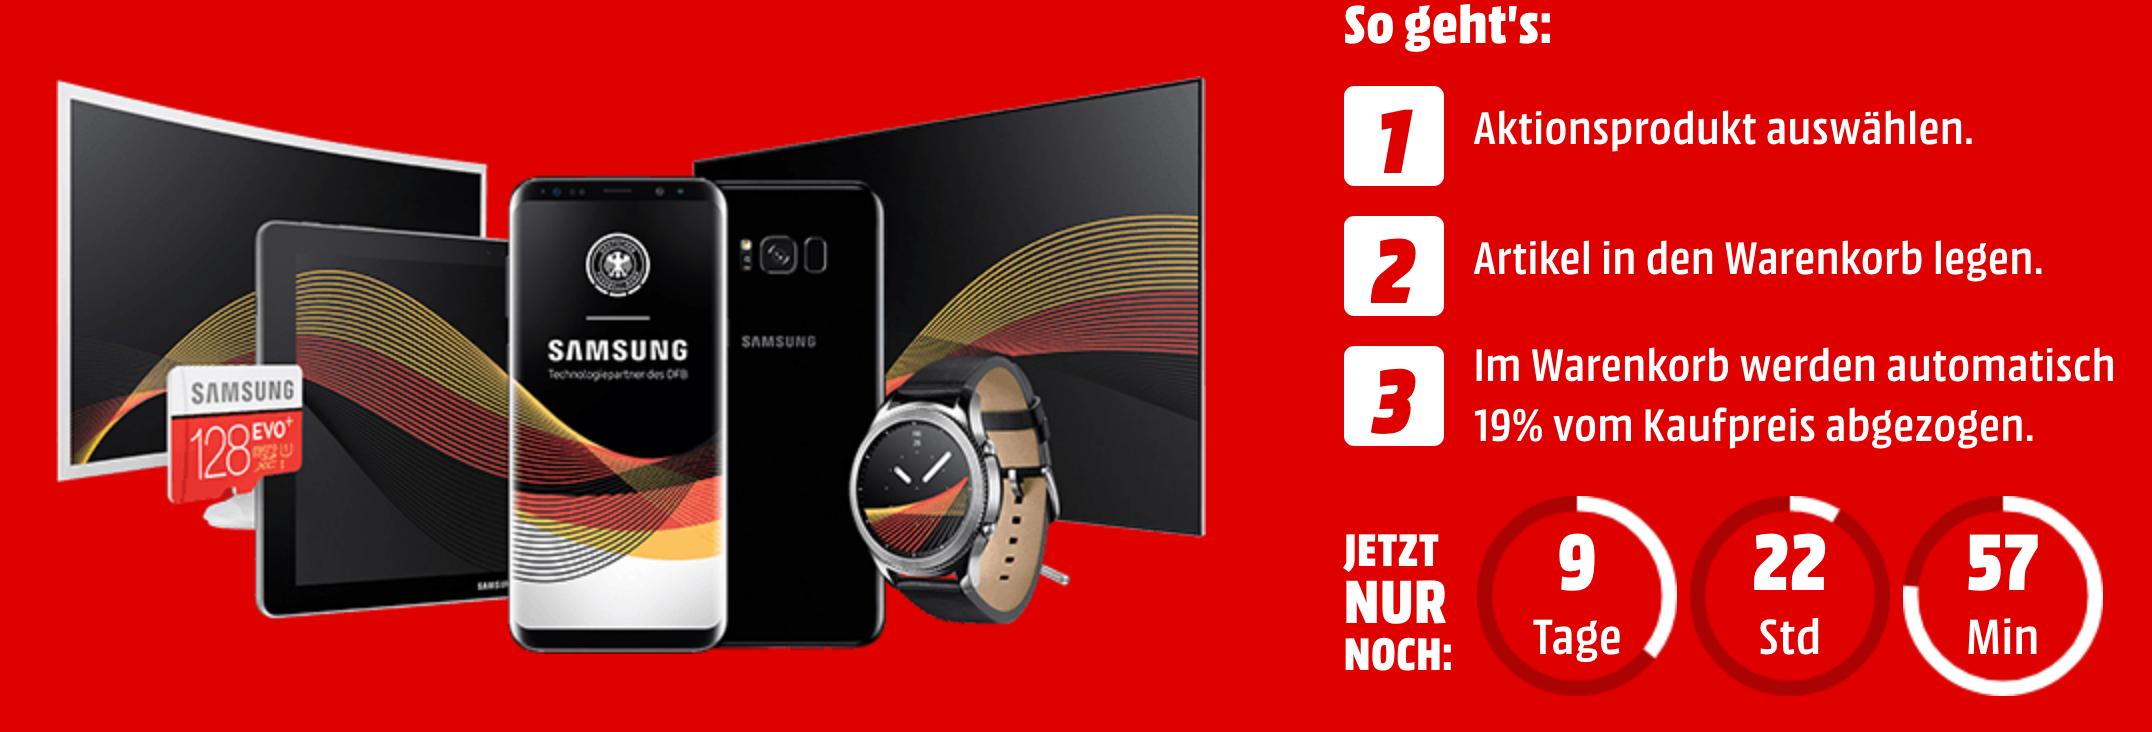 MediaMarkt Samsung Wochen – z.B. SAMSUNG Galaxy Tab S3 für 420€